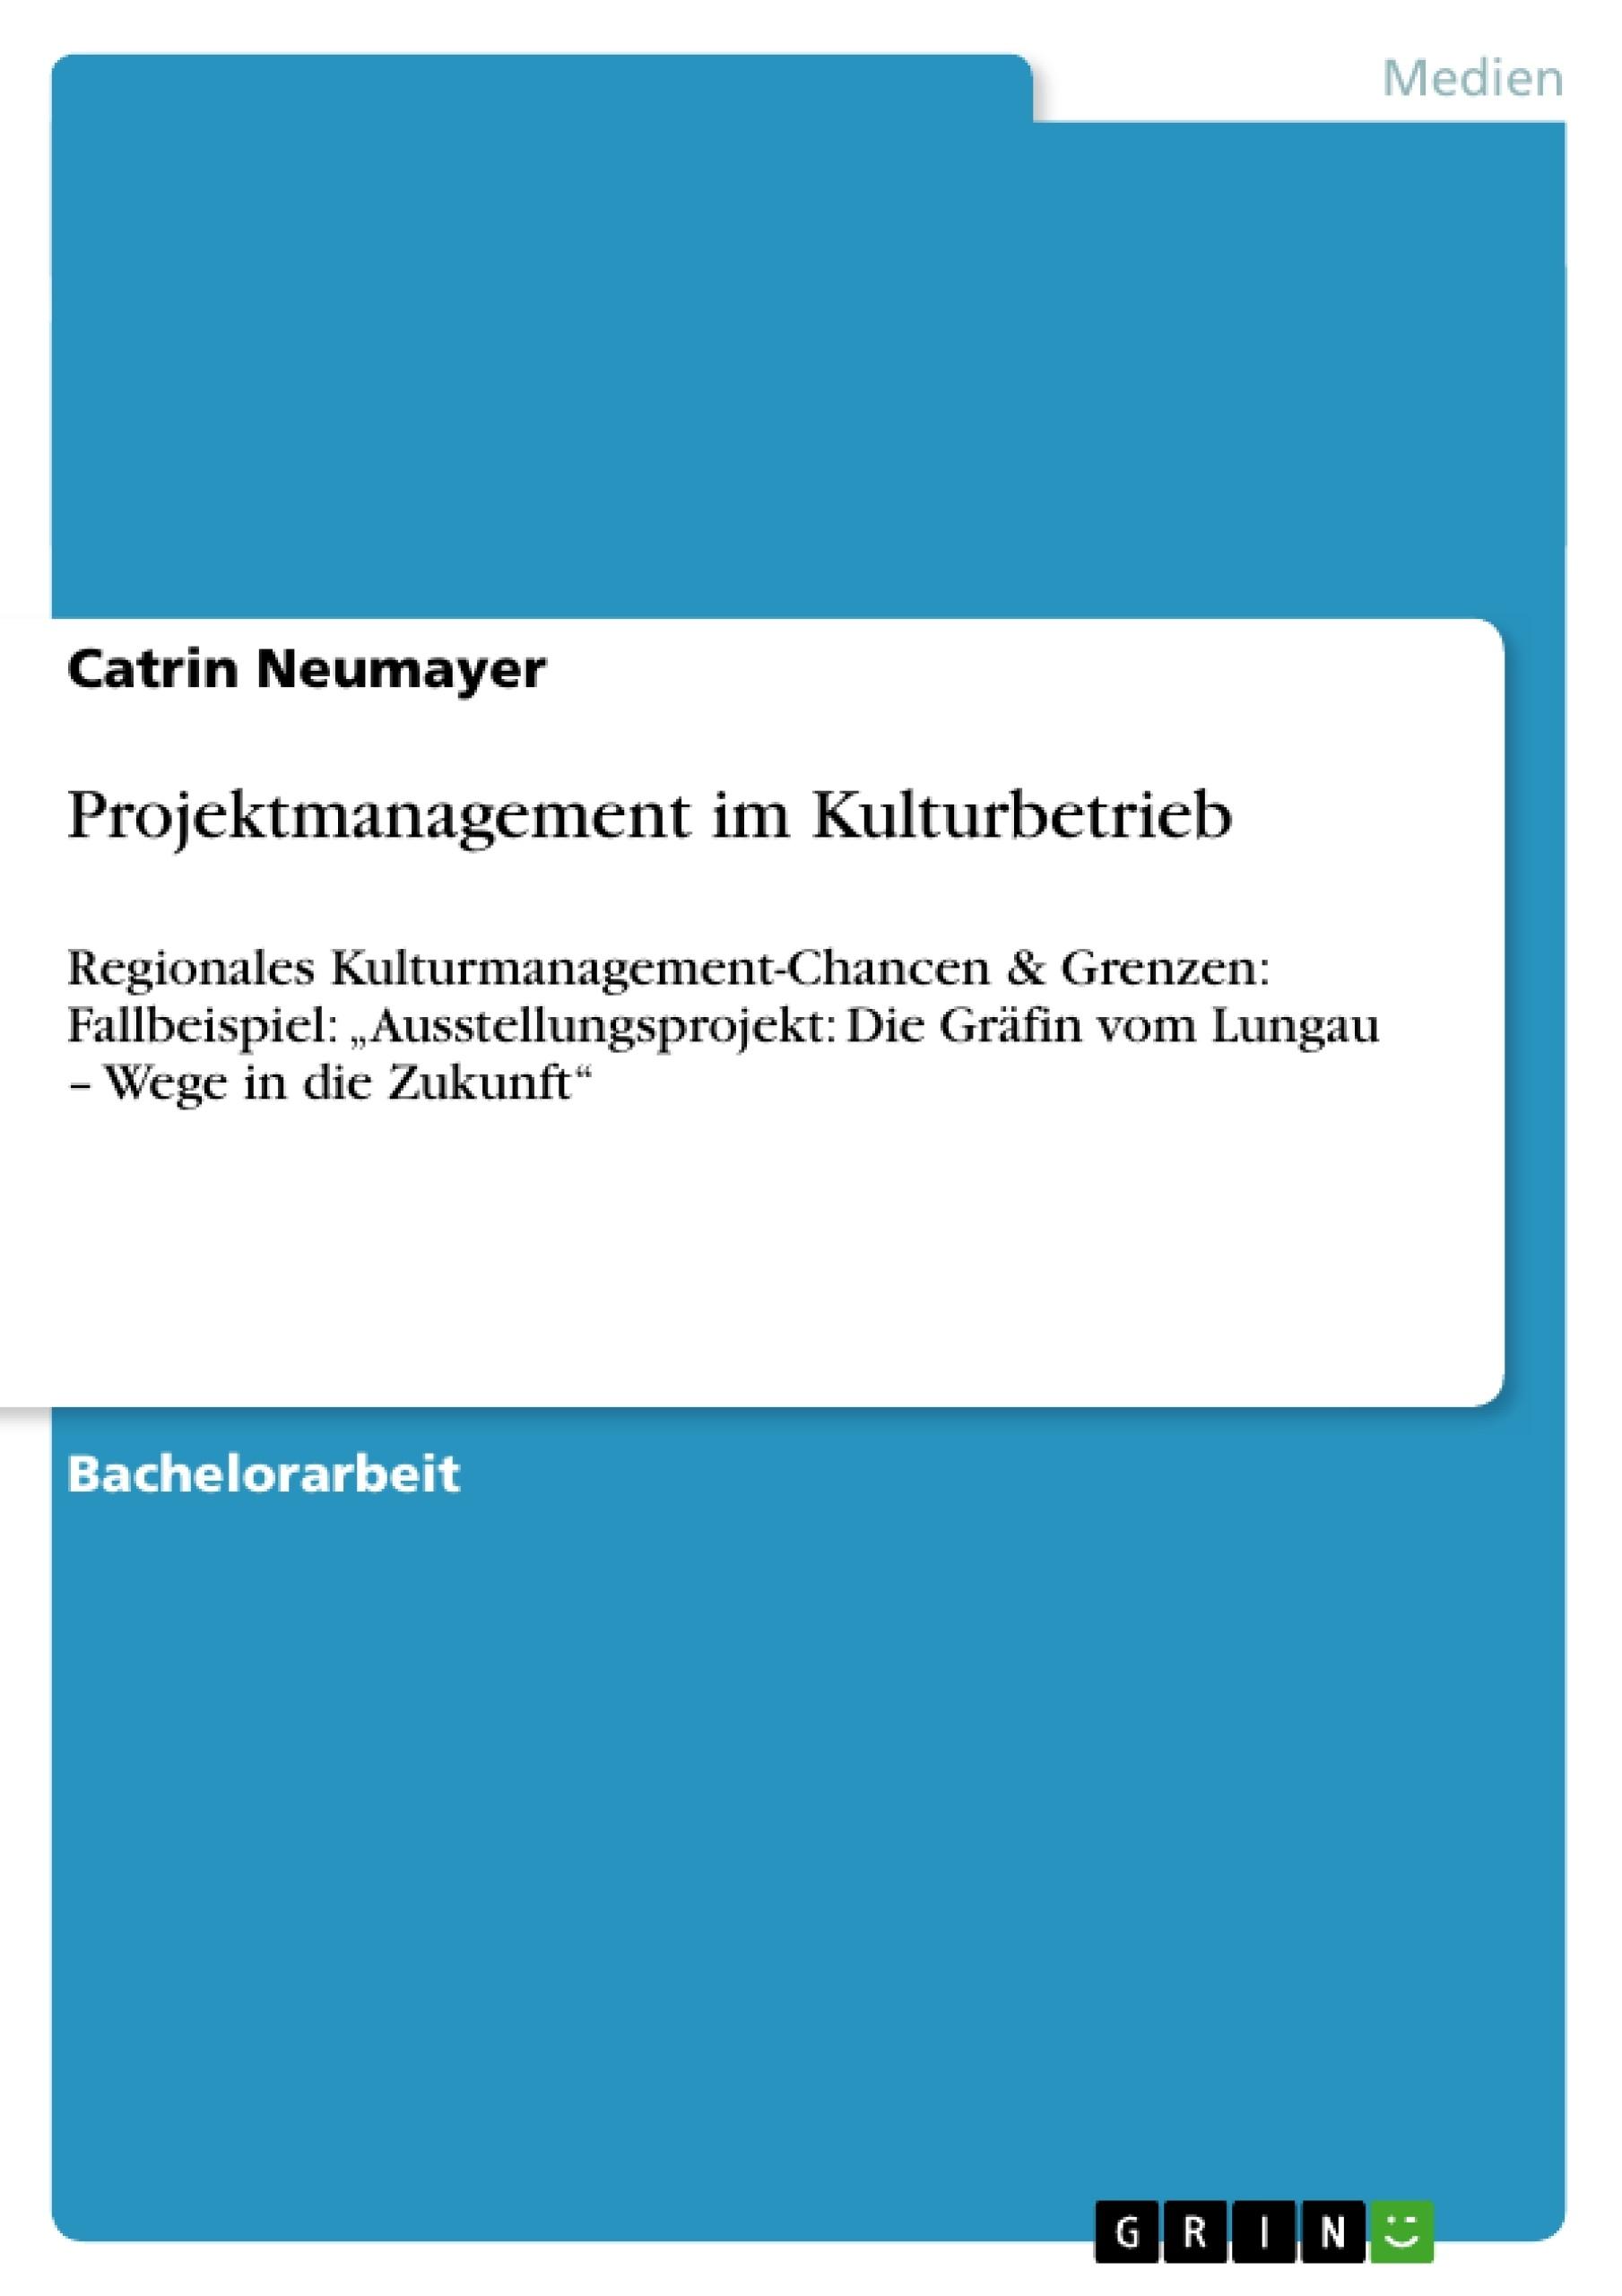 Titel: Projektmanagement im Kulturbetrieb